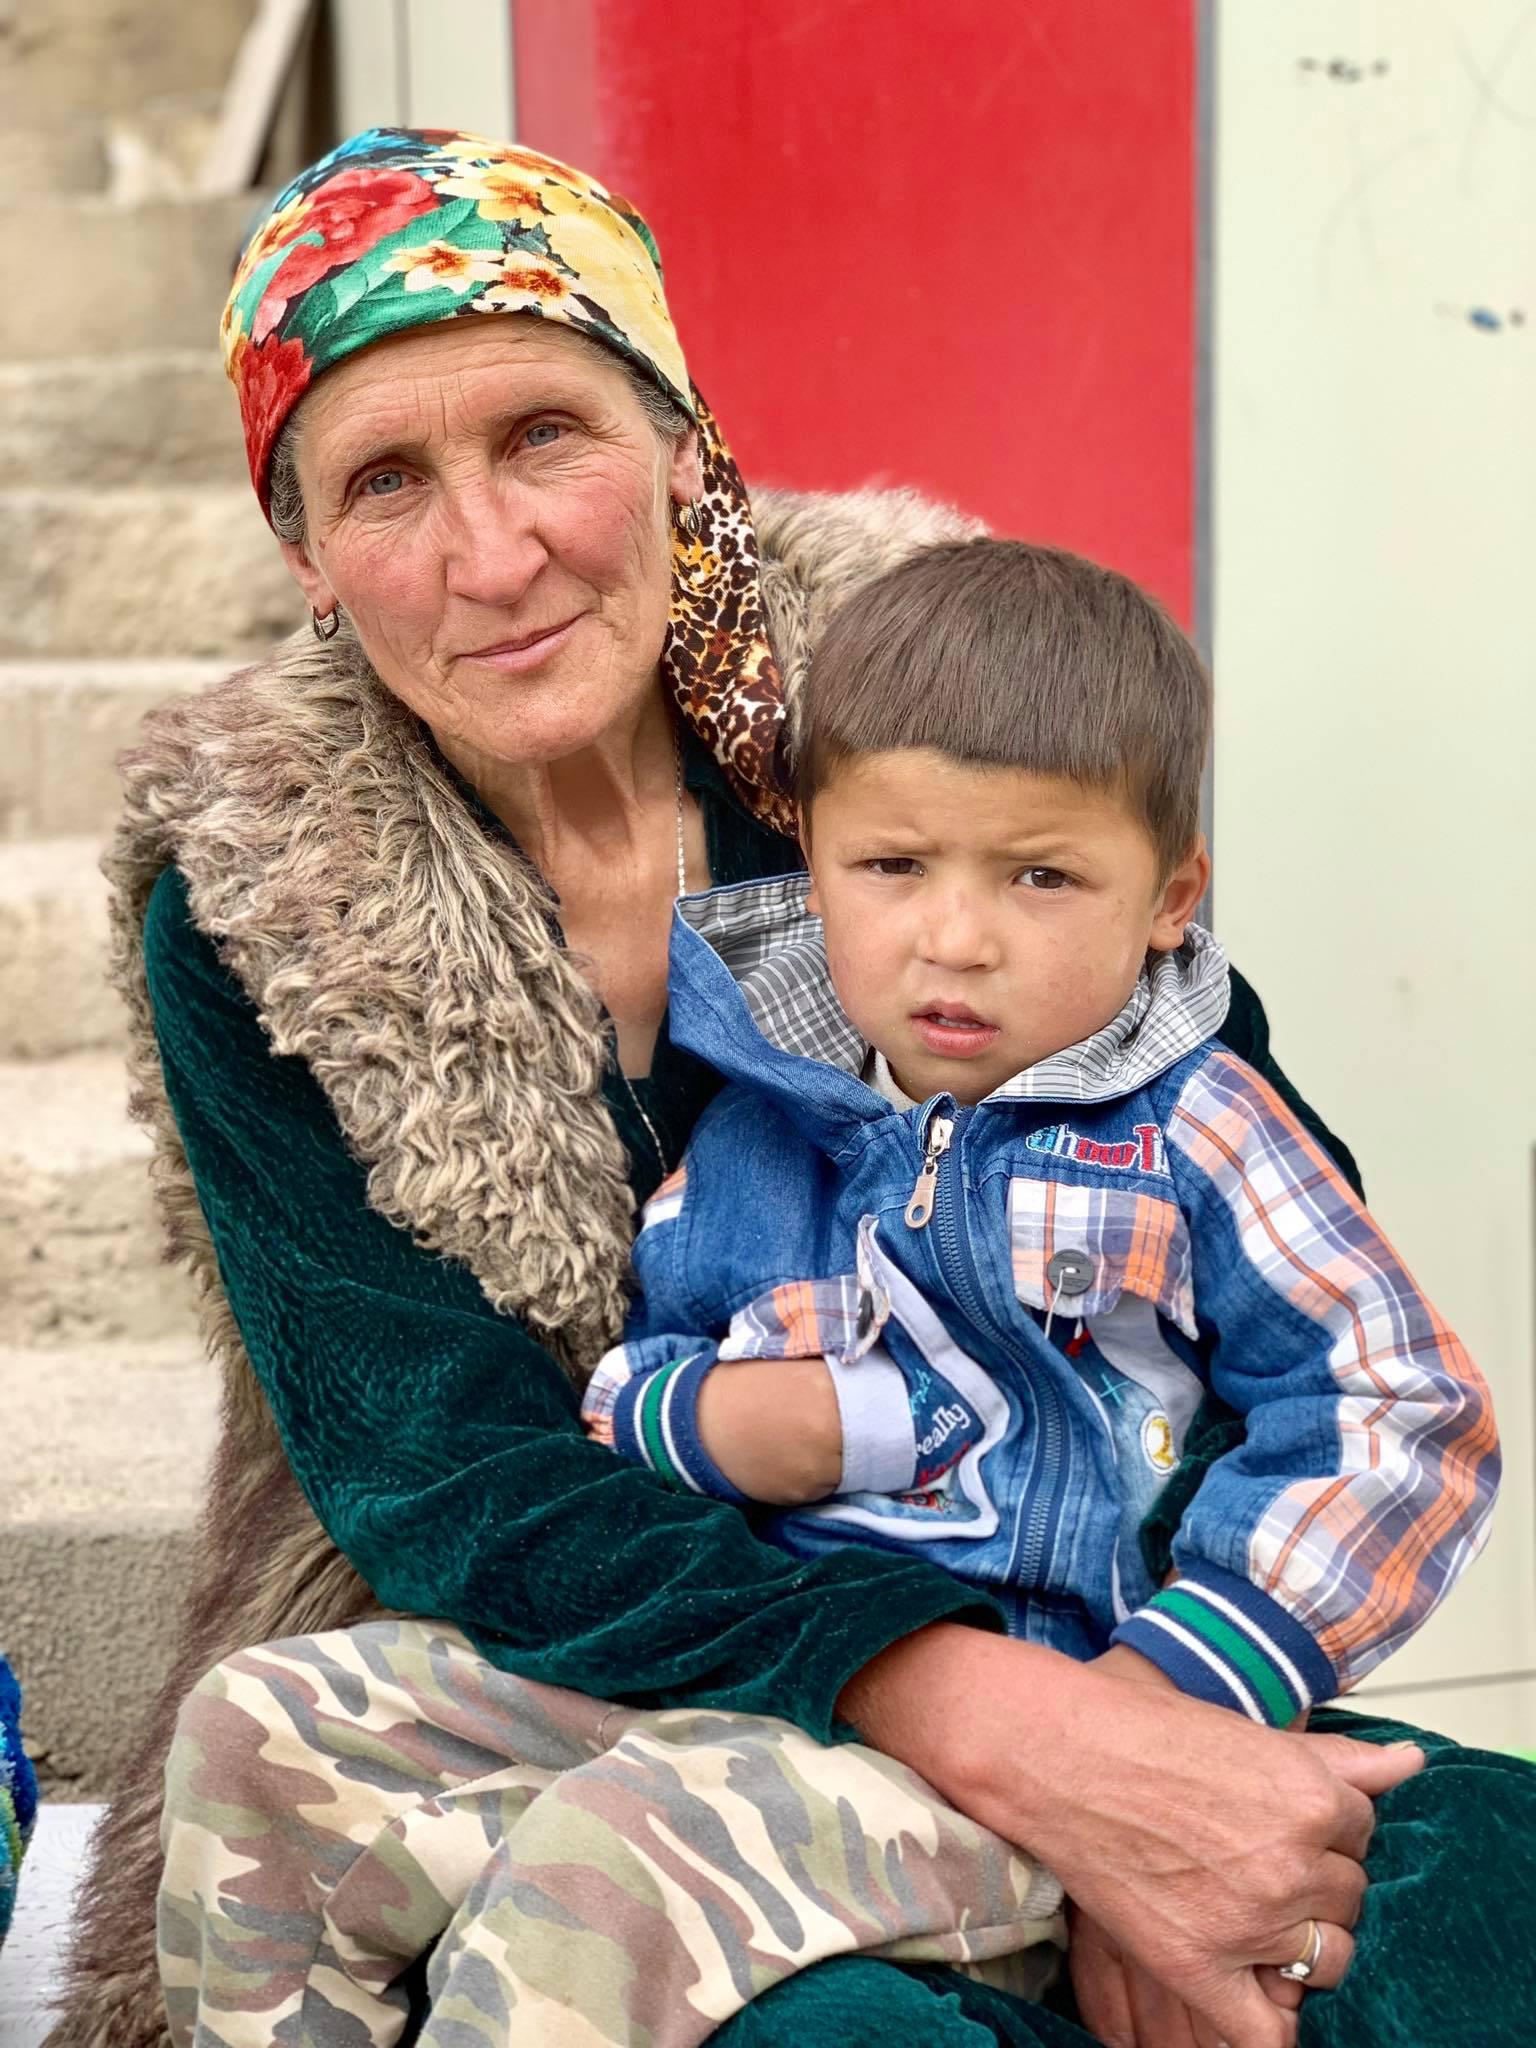 Kach Solo Travels in 2019 Pamir Highway Trip in Tajikistan36.jpg